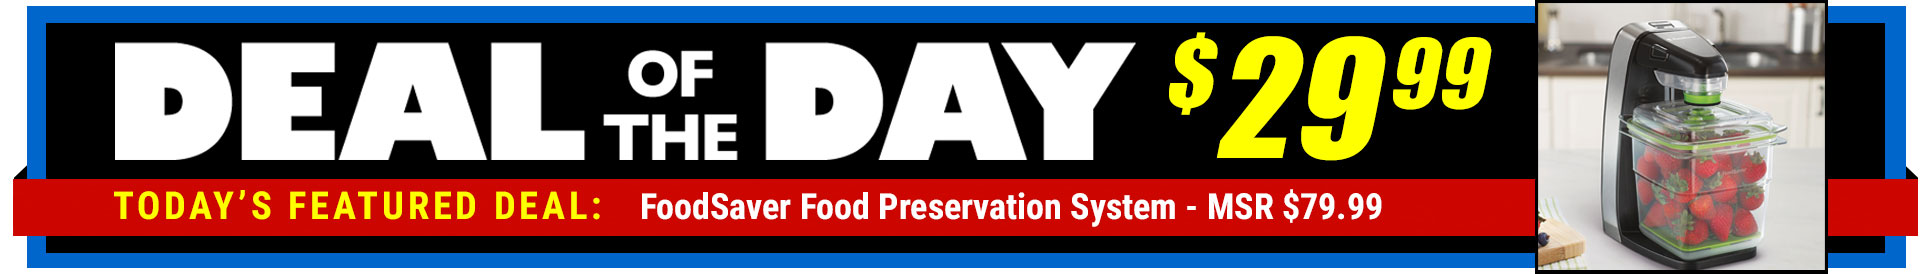 63% Off FoodSaver Preservation System - MSR $79.99 - Deal of the Day $29.99